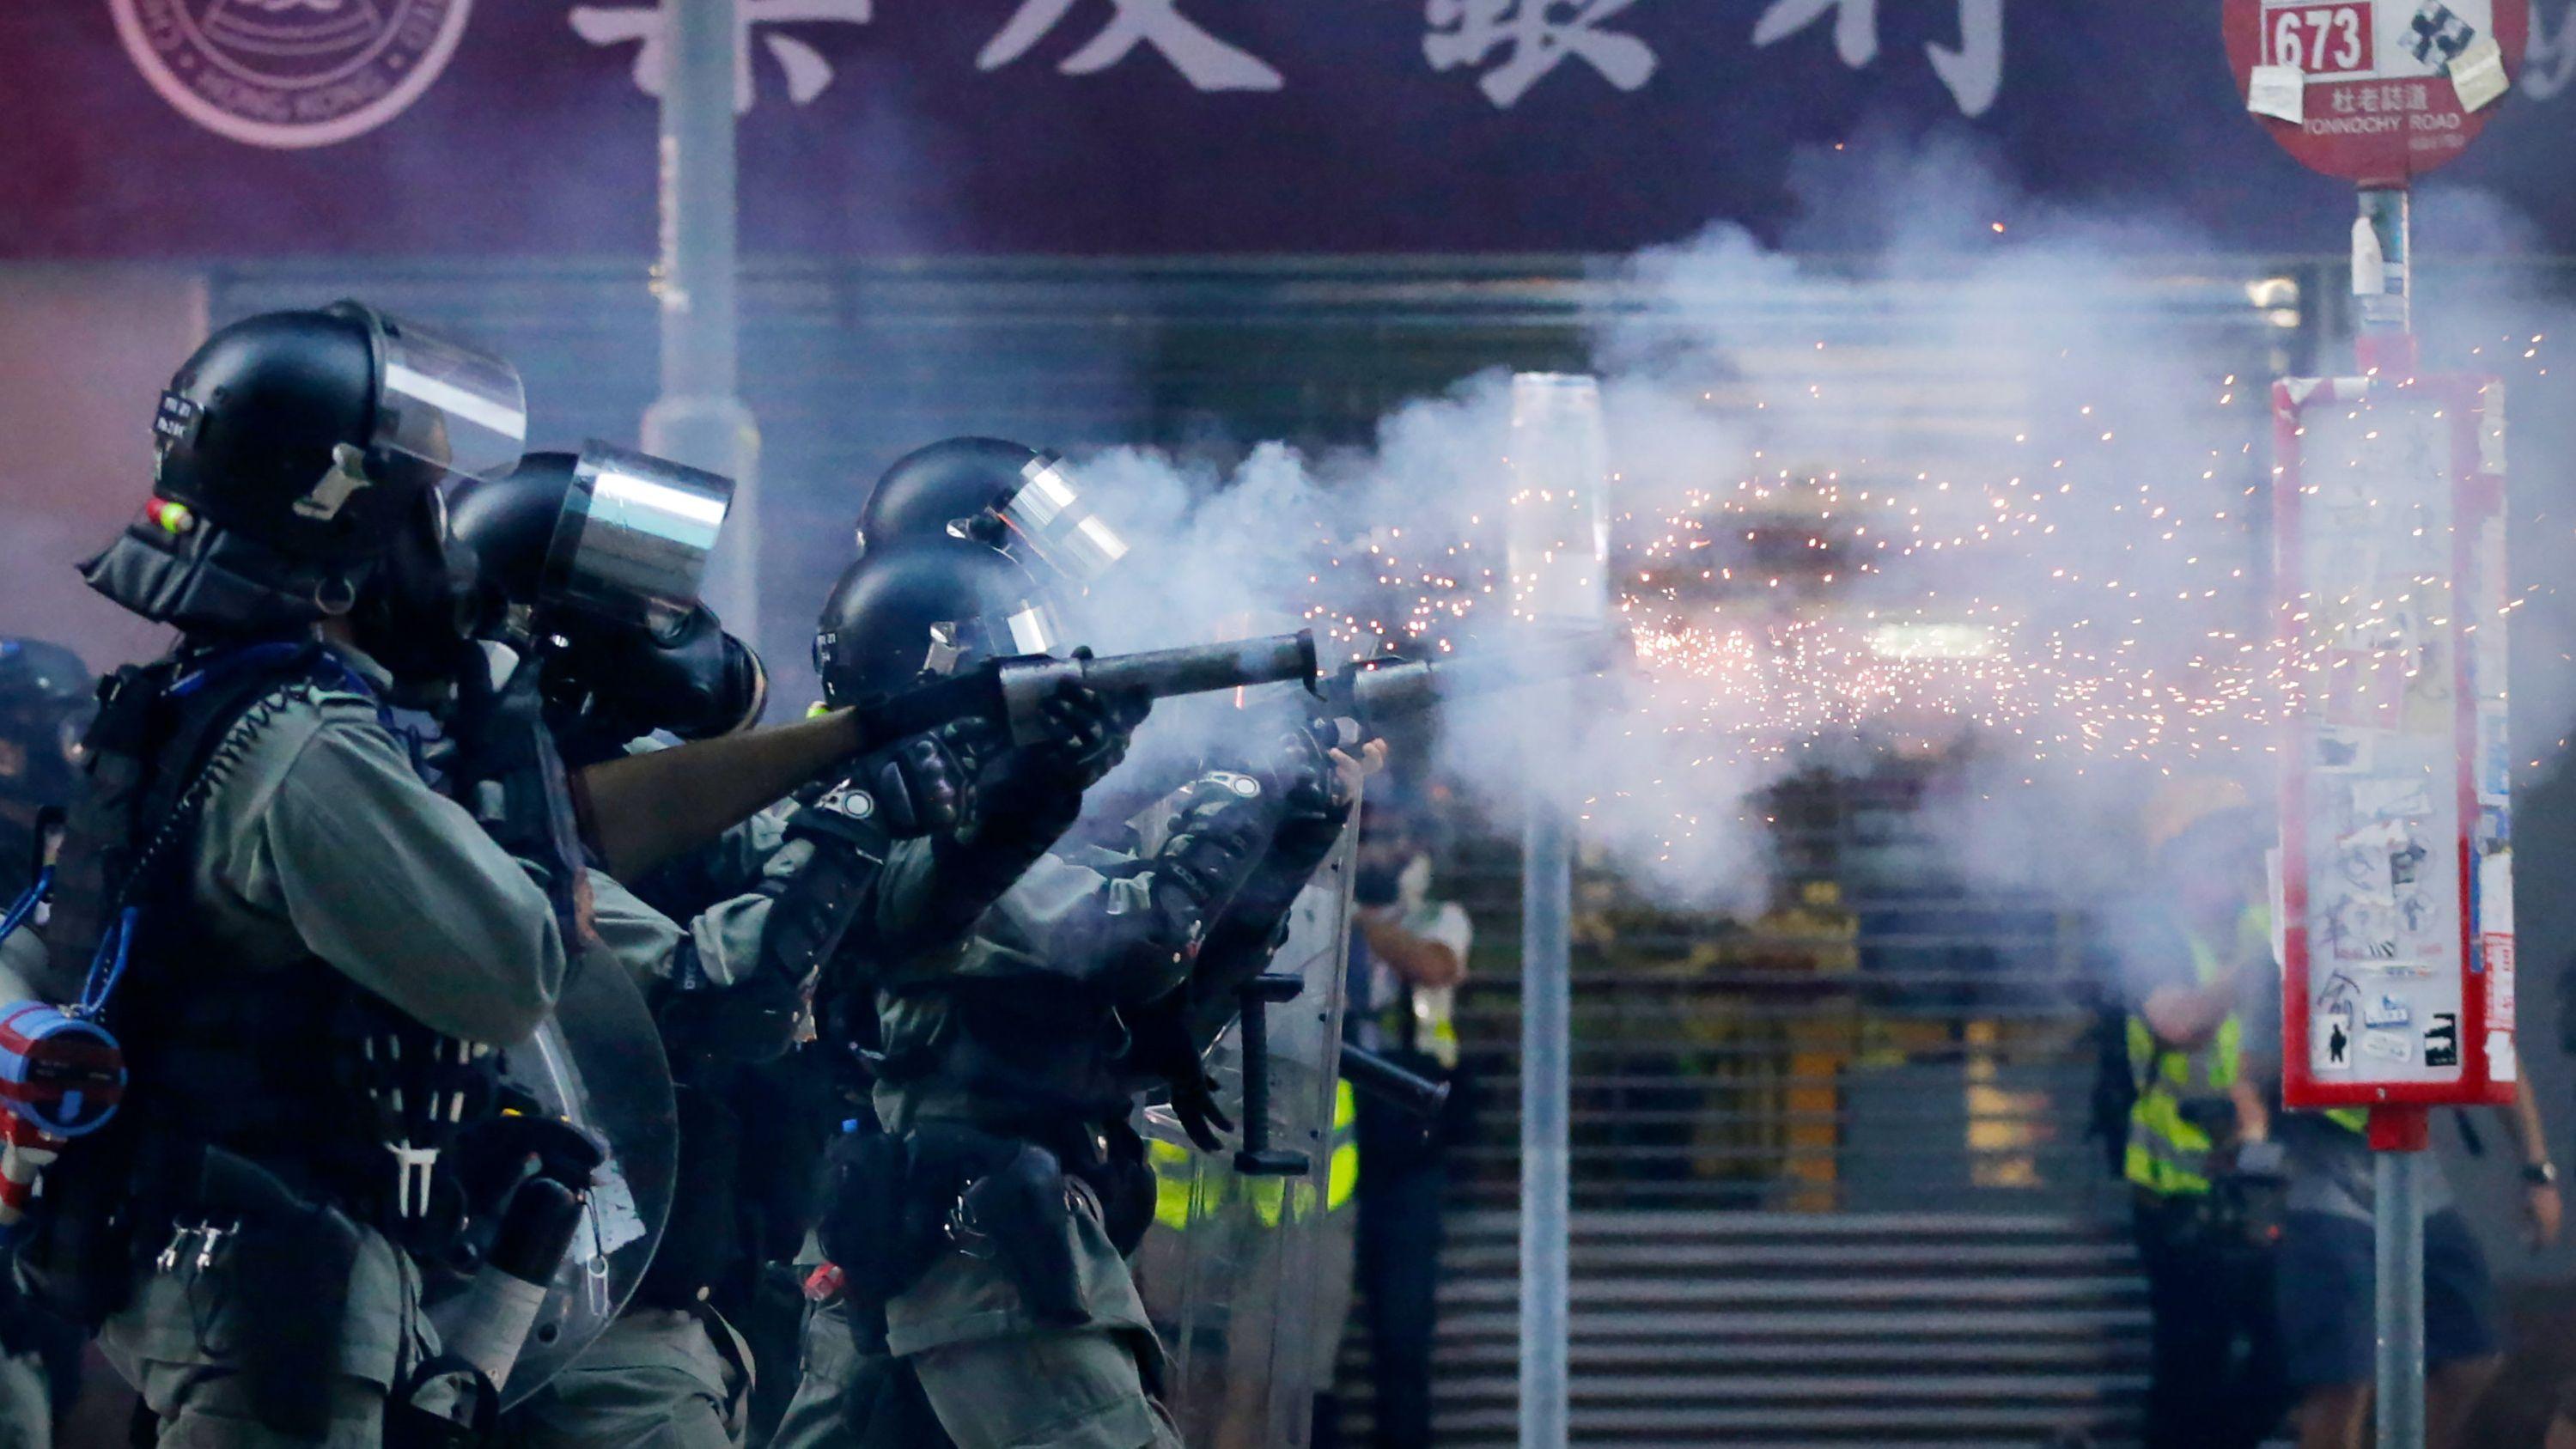 Polizisten mit Gasmasken schießen bei einer Demonstration in Hongkong mit Tränengas auf Demonstranten.